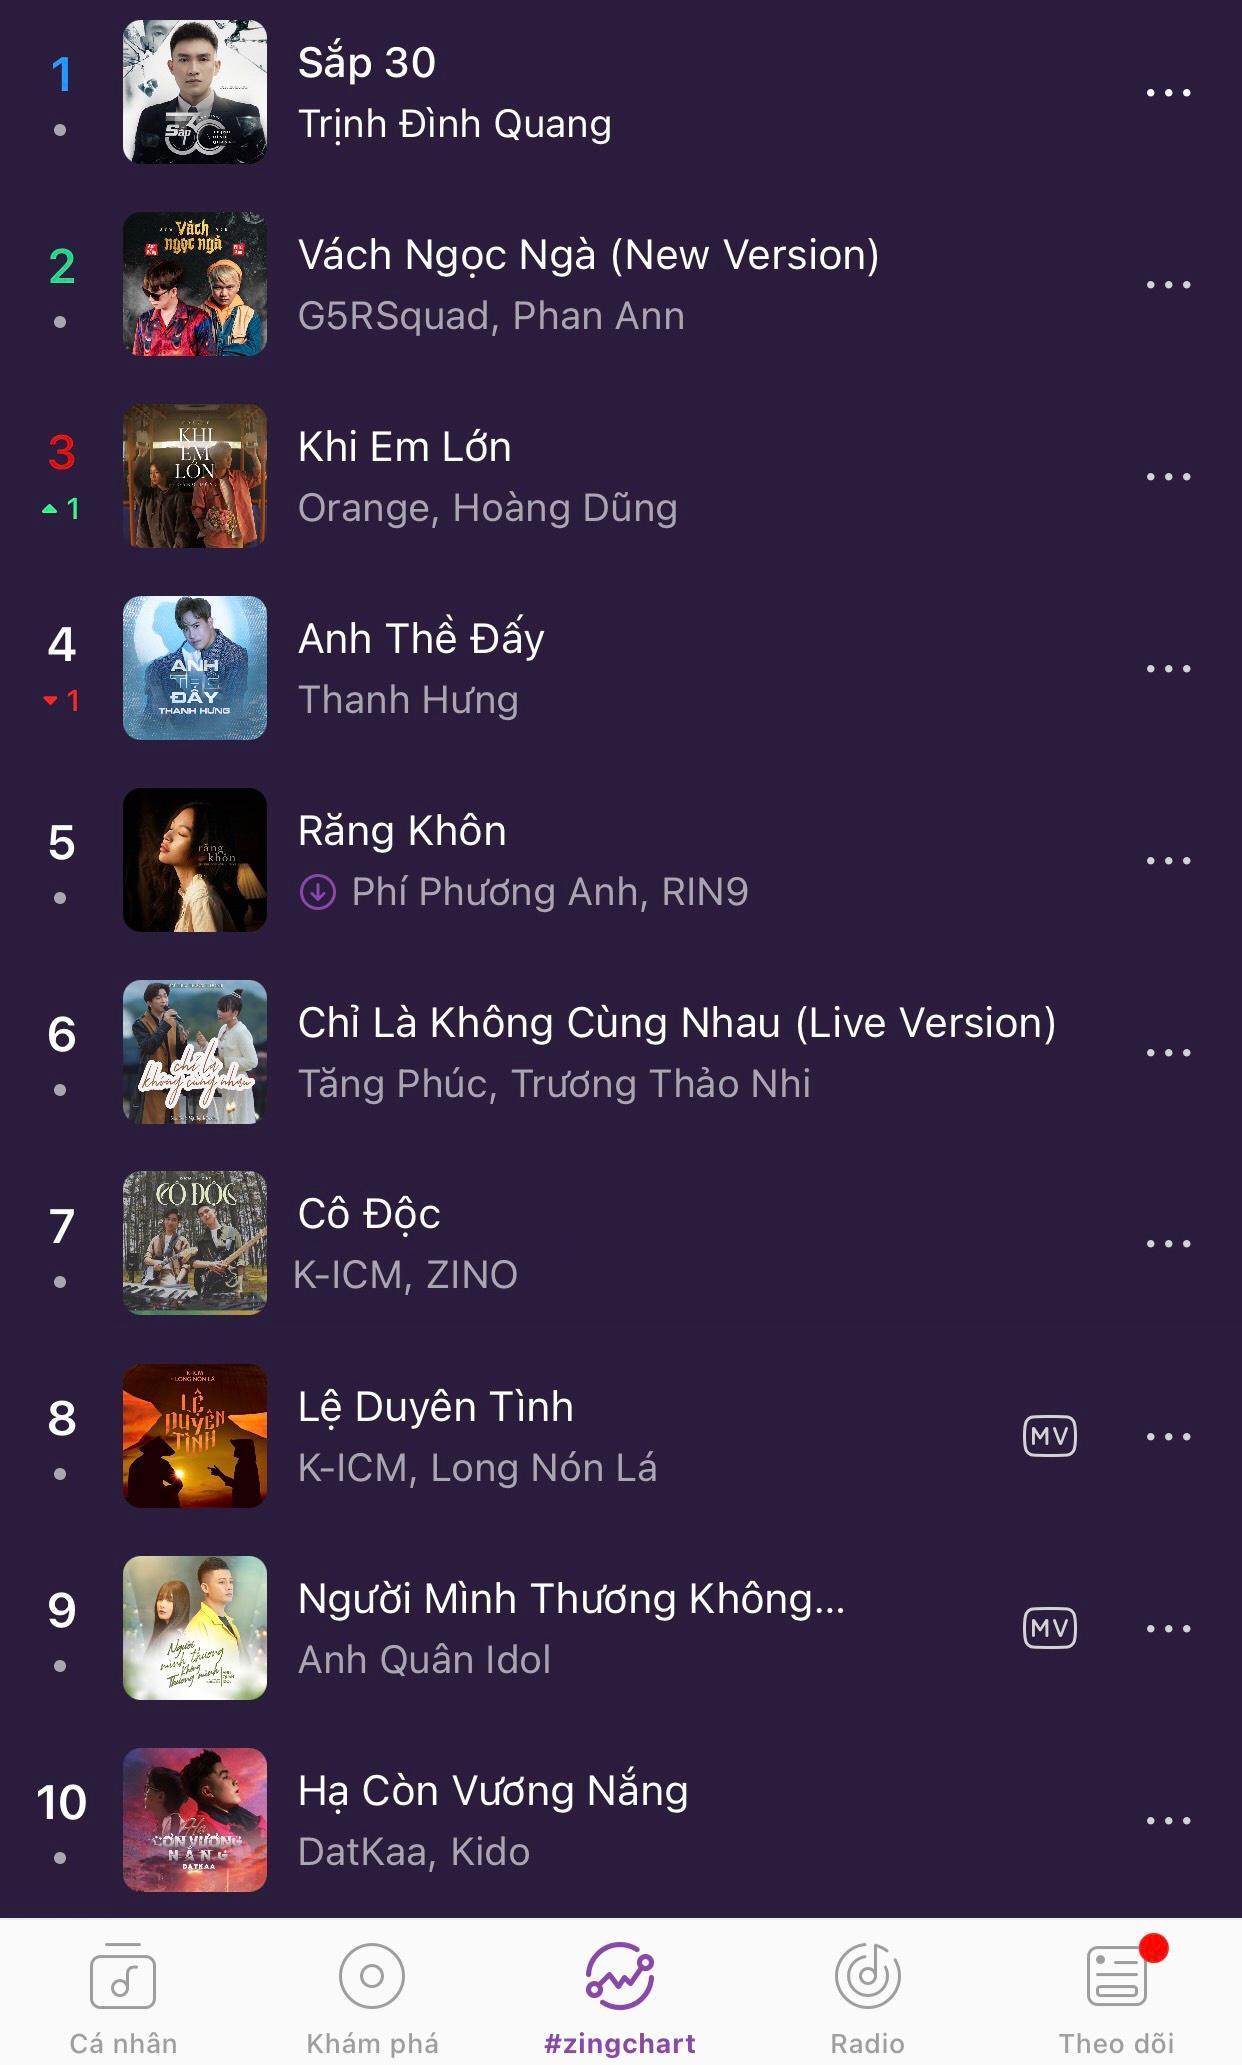 'Cô độc' của K-ICM và Zino vào top 10 BXH #zingchart Ảnh 1